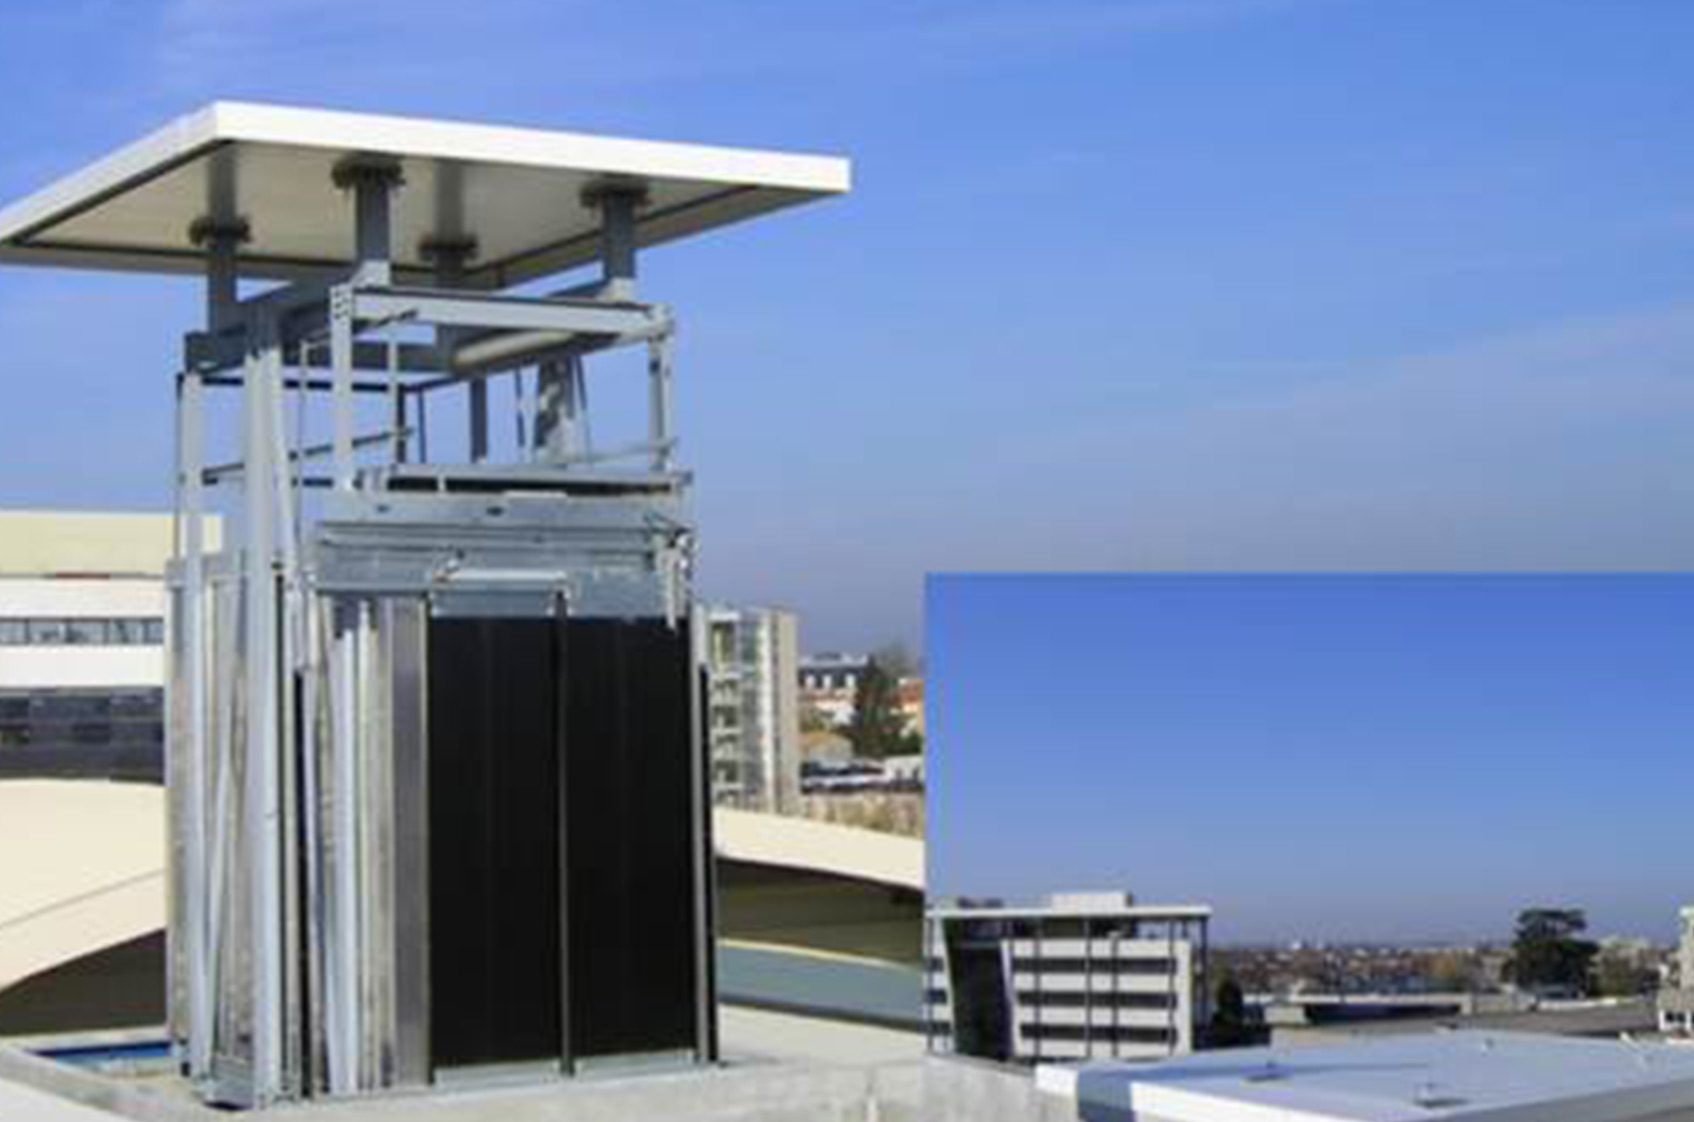 Ascenseur sur le toit d'un immeuble avec héliport